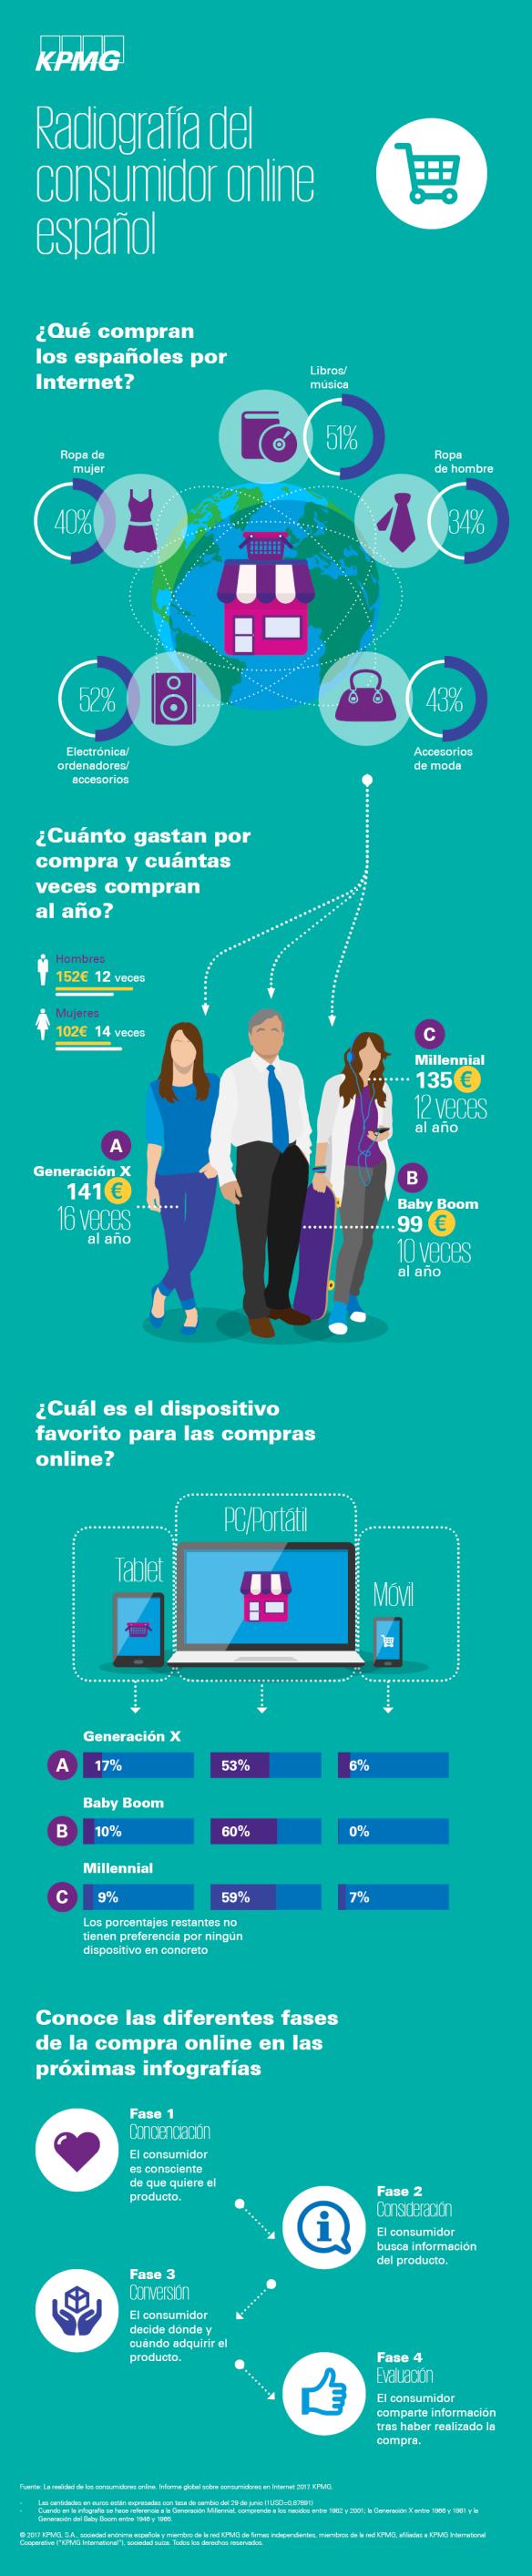 radiografia-consumidor-online-espanol-infografia